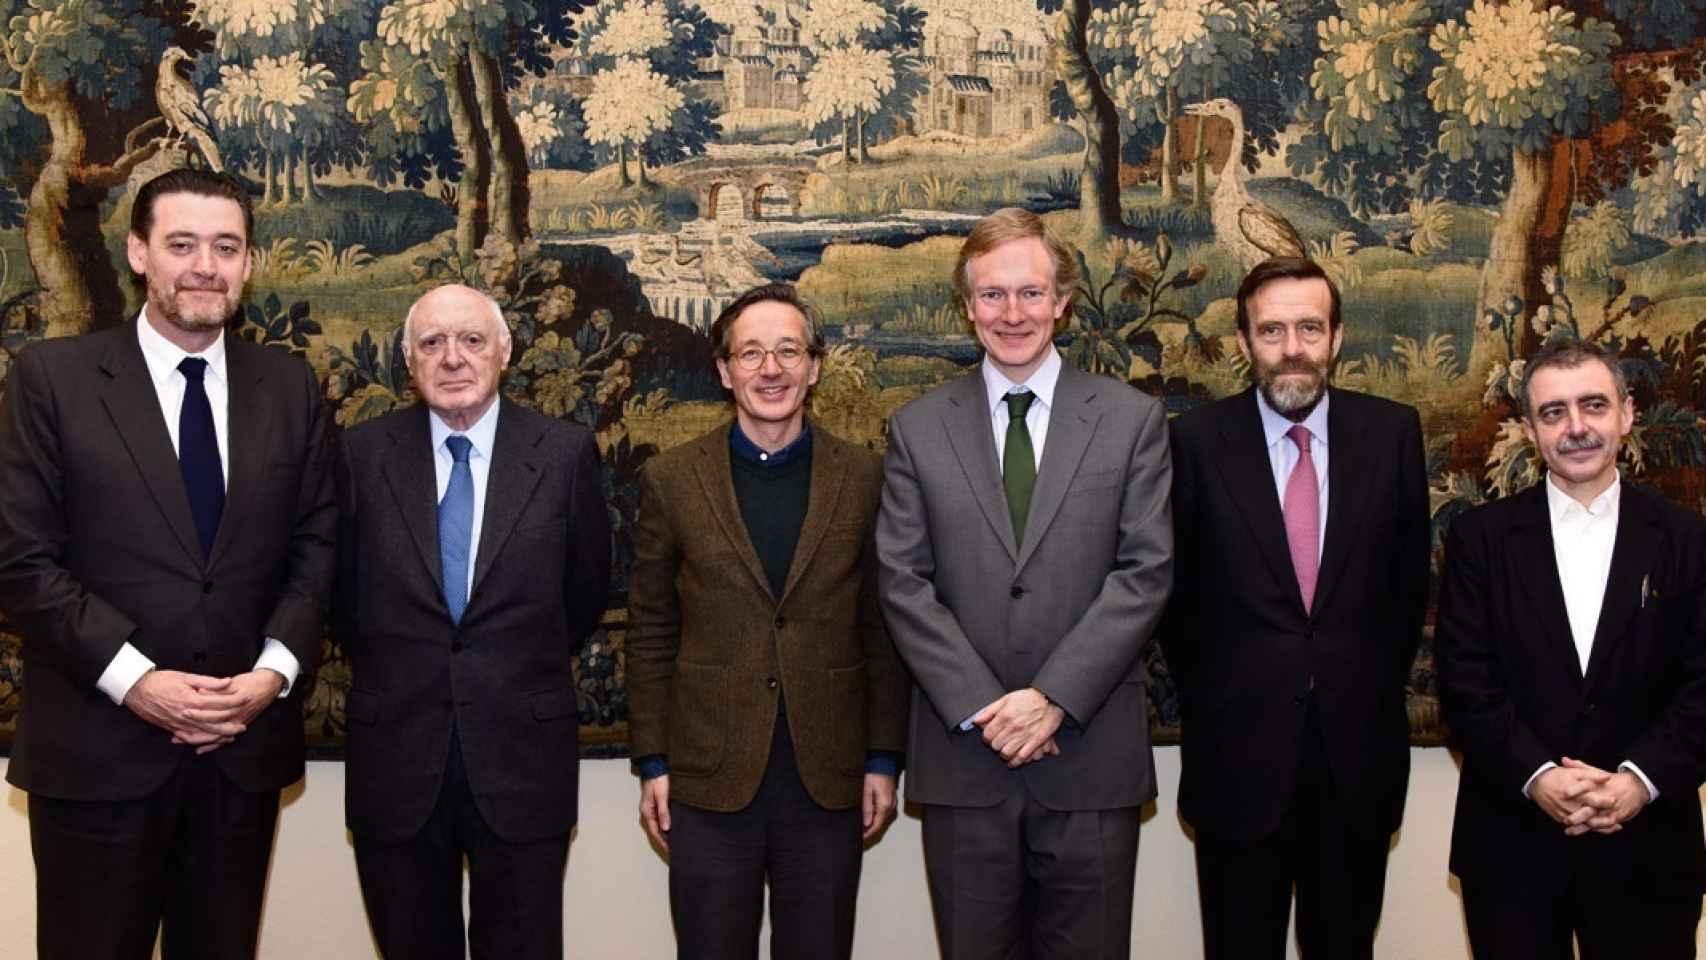 De izda a dcha: Miguel Zugaza, José Pedro Pérez Llorca, José María Lassalle, Miguel Ángel Recio, Guillermo de la Dehesa y Manuel Borja-Villel.